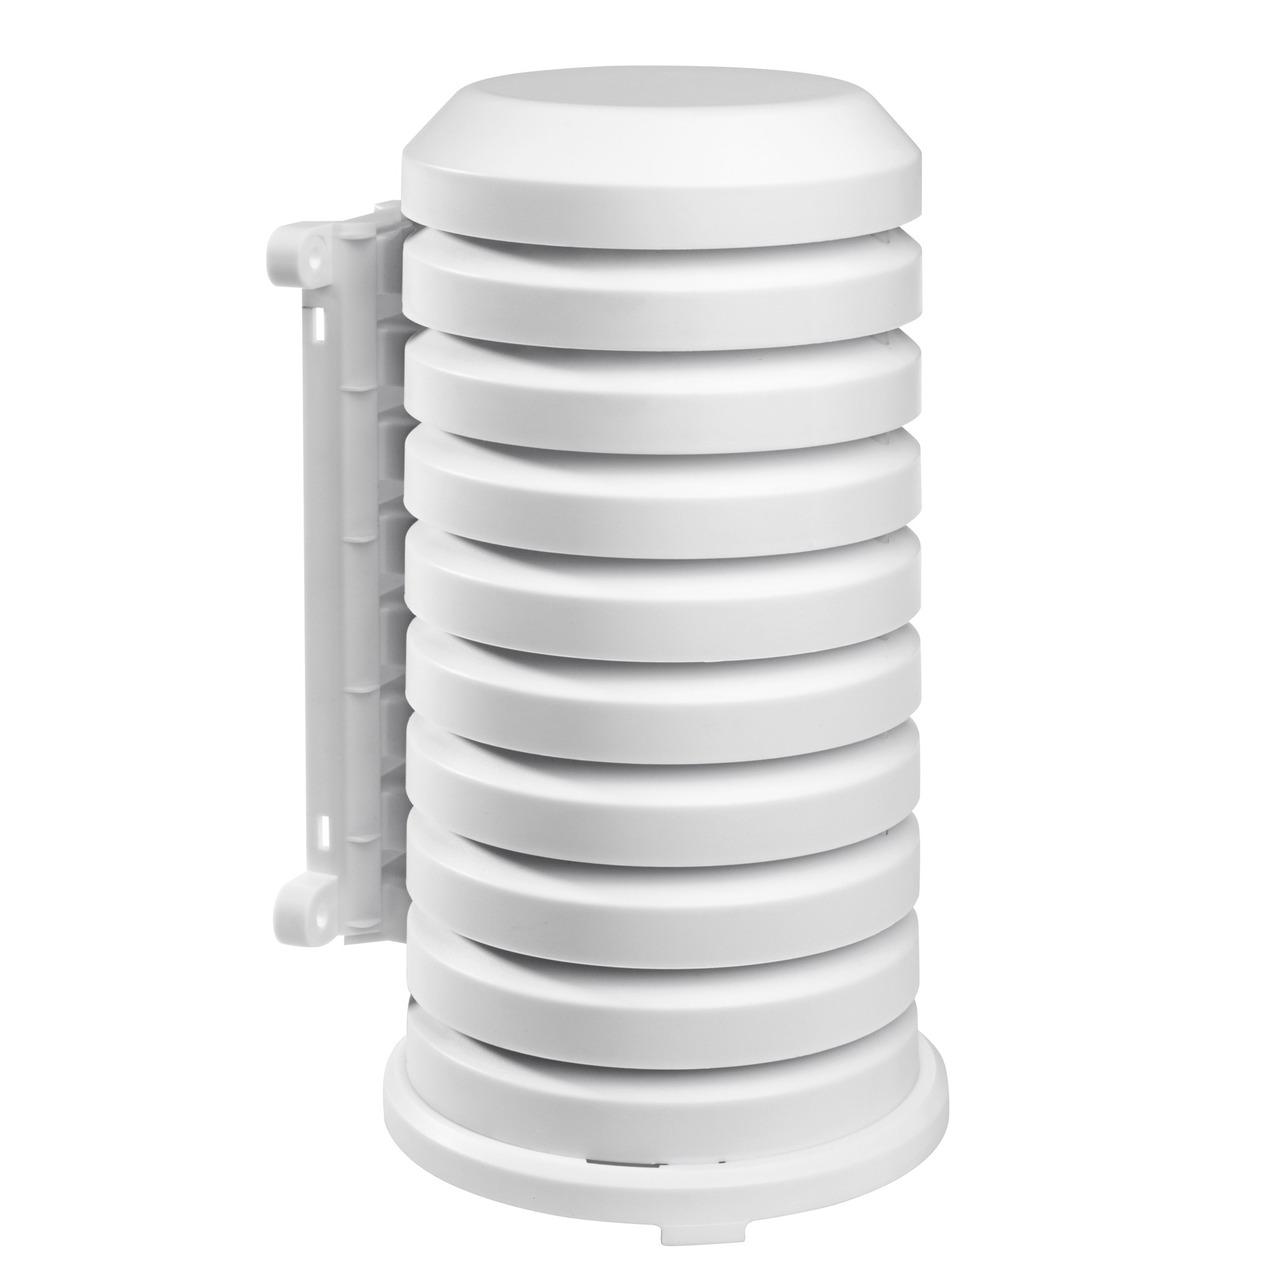 TFA Schutzhülle-Schutzabdeckung für Thermo-Hygrosensoren- Innenmasse (- x H): 60 x 160 mm